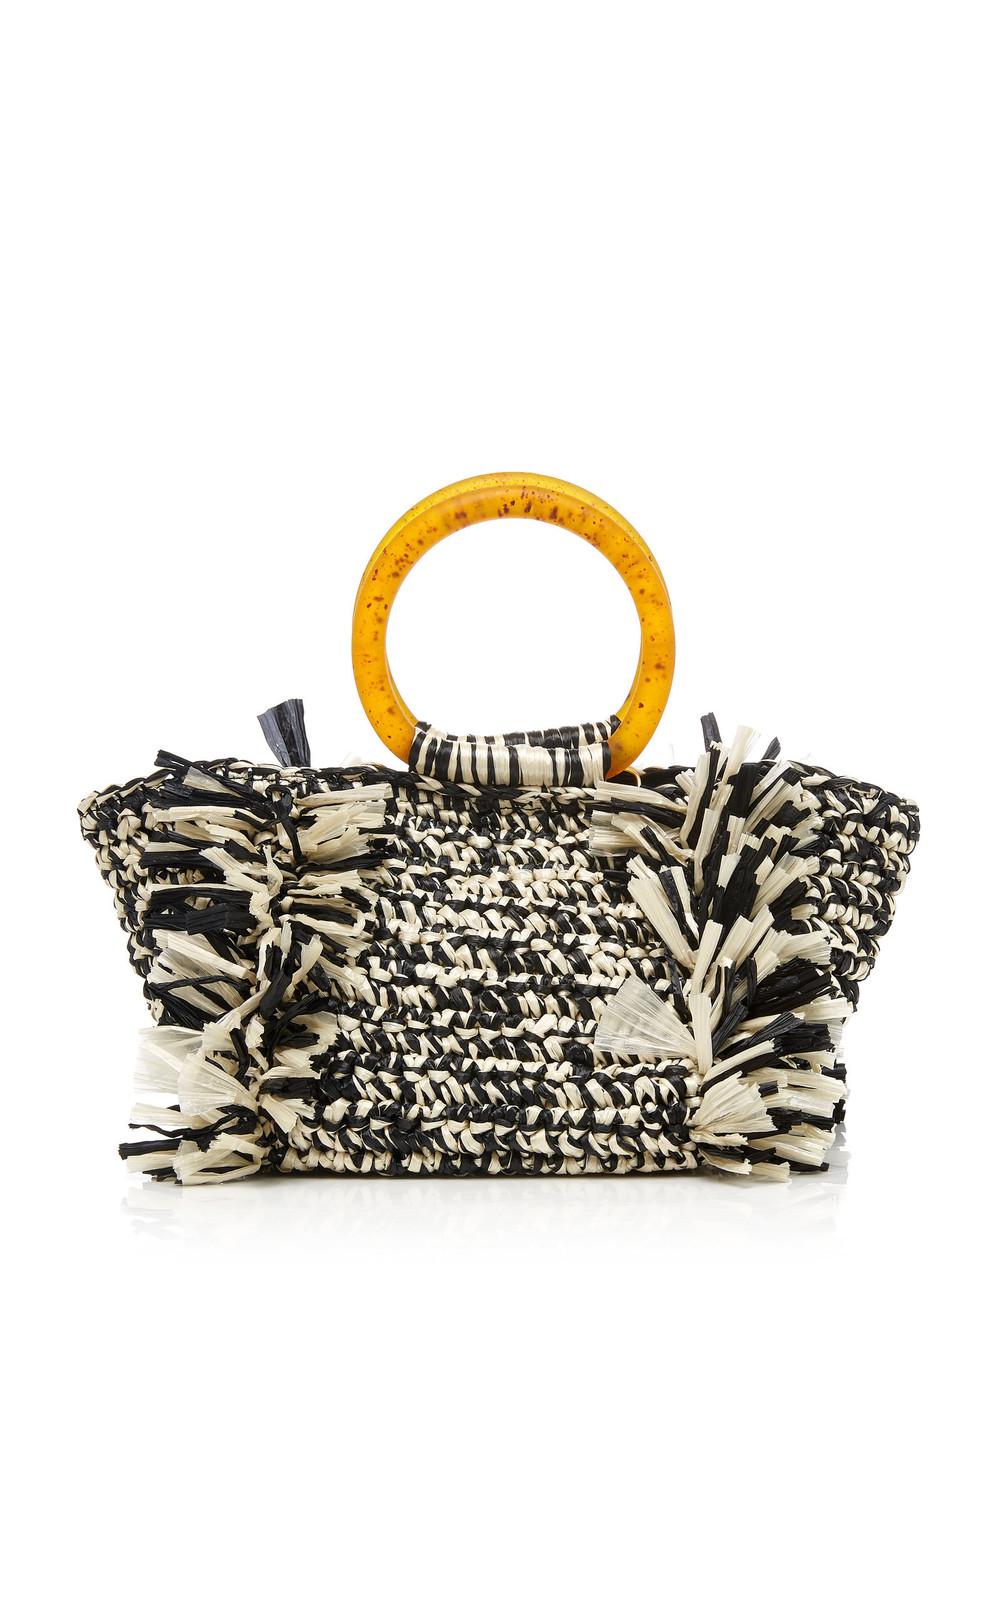 Carolina Santo Domingo Corallina Two-Tone Woven Raffia Bag in black